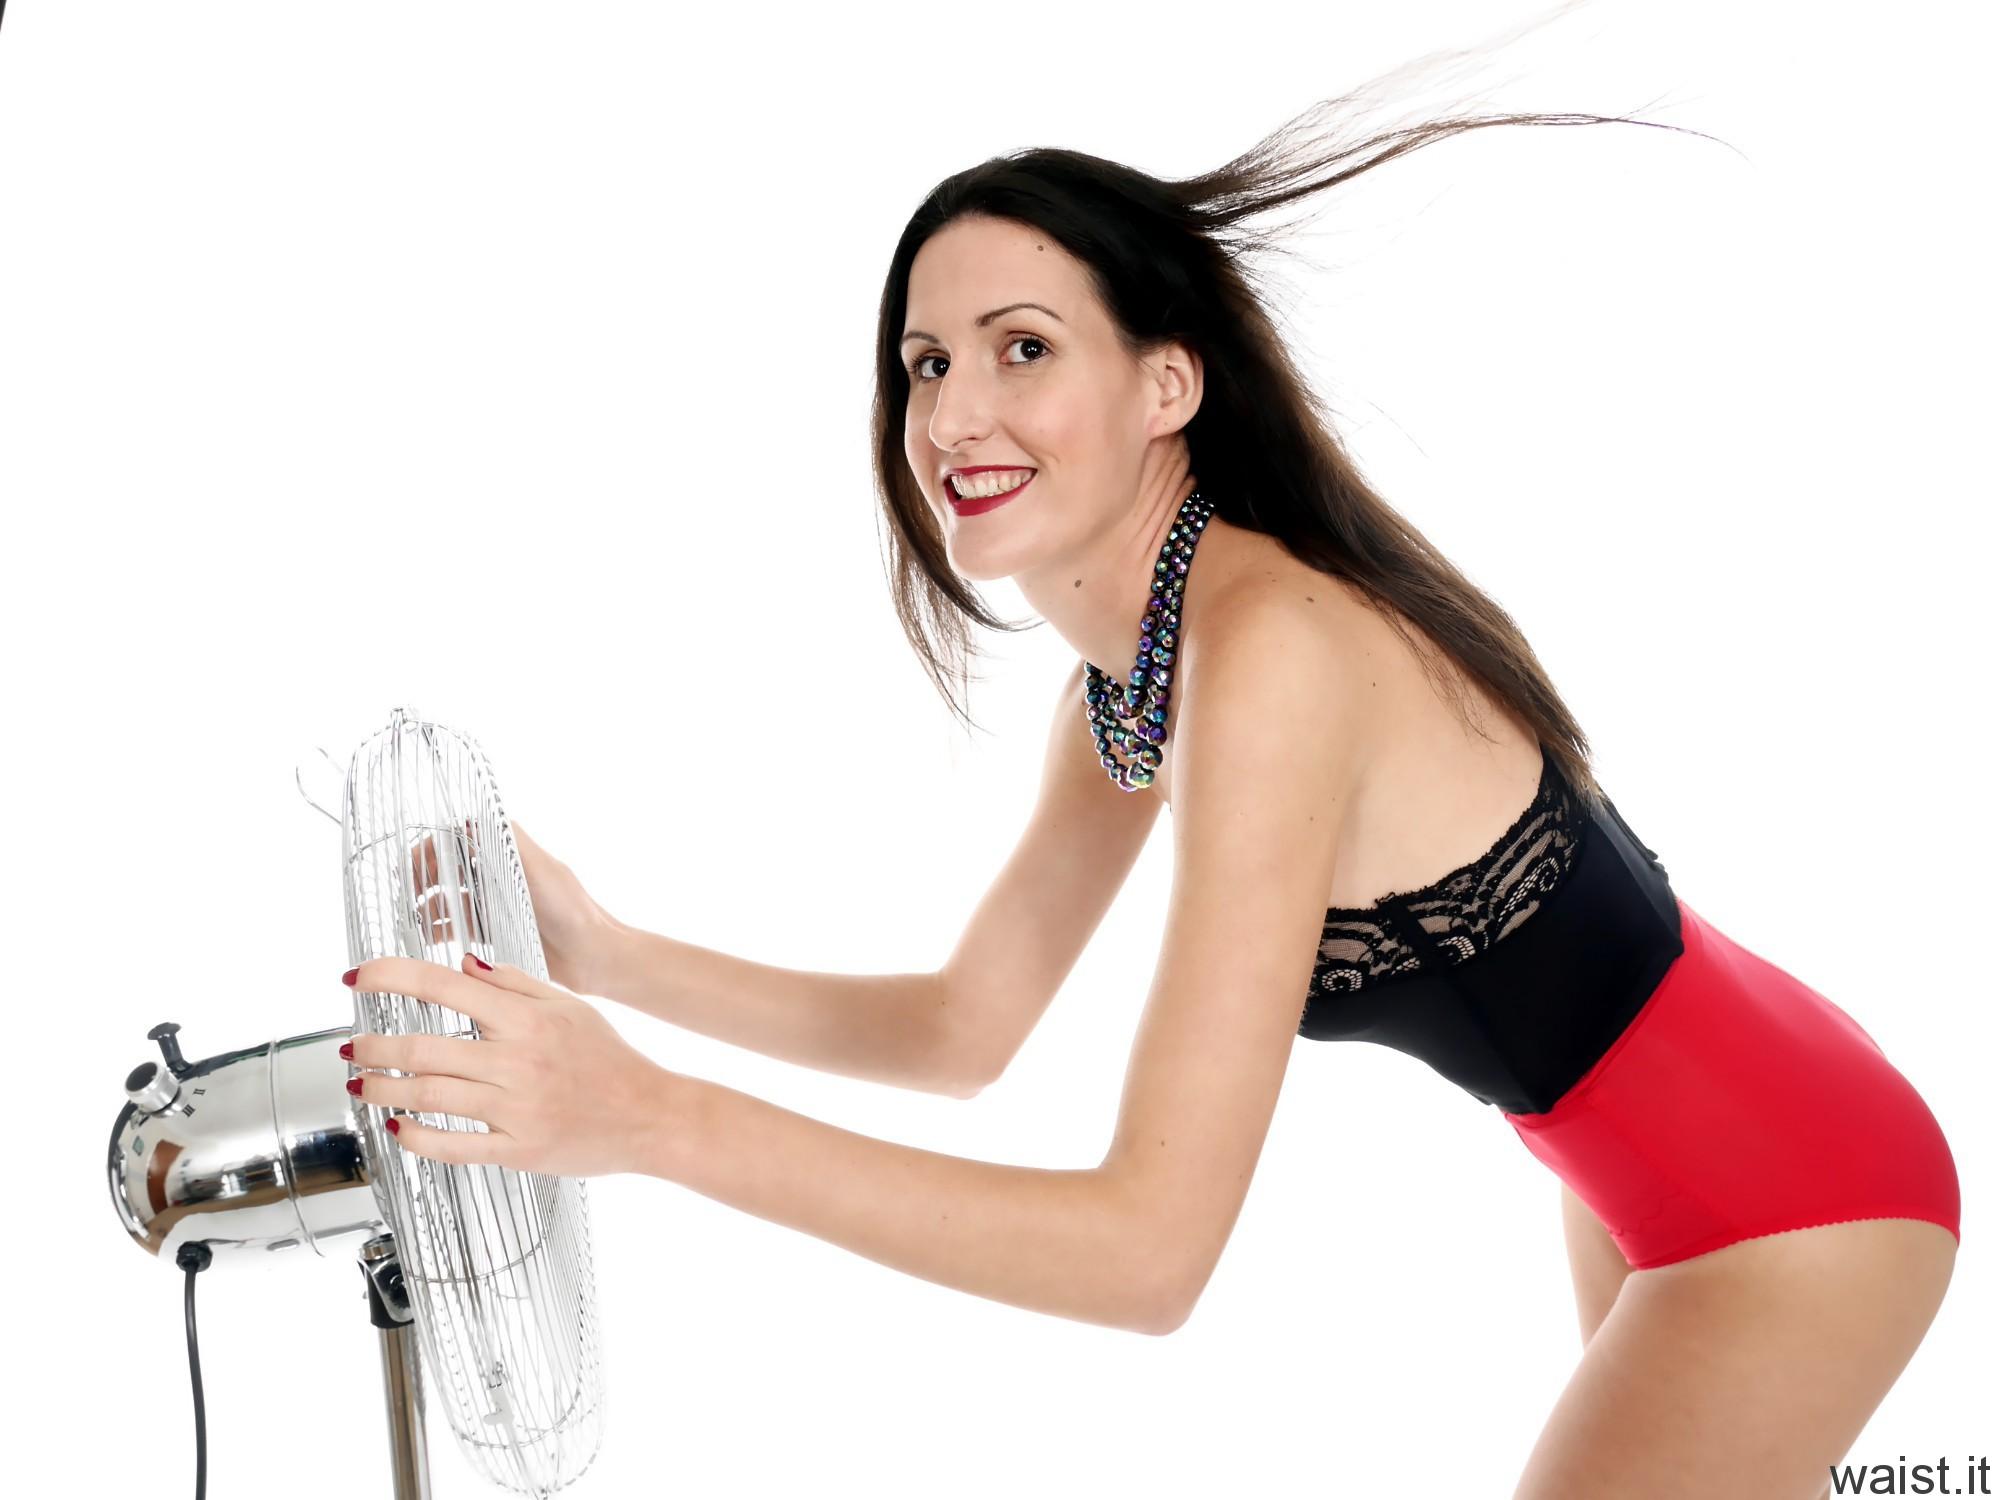 2016-11-20 MissGlamour earing strapless bra and pocket girdles